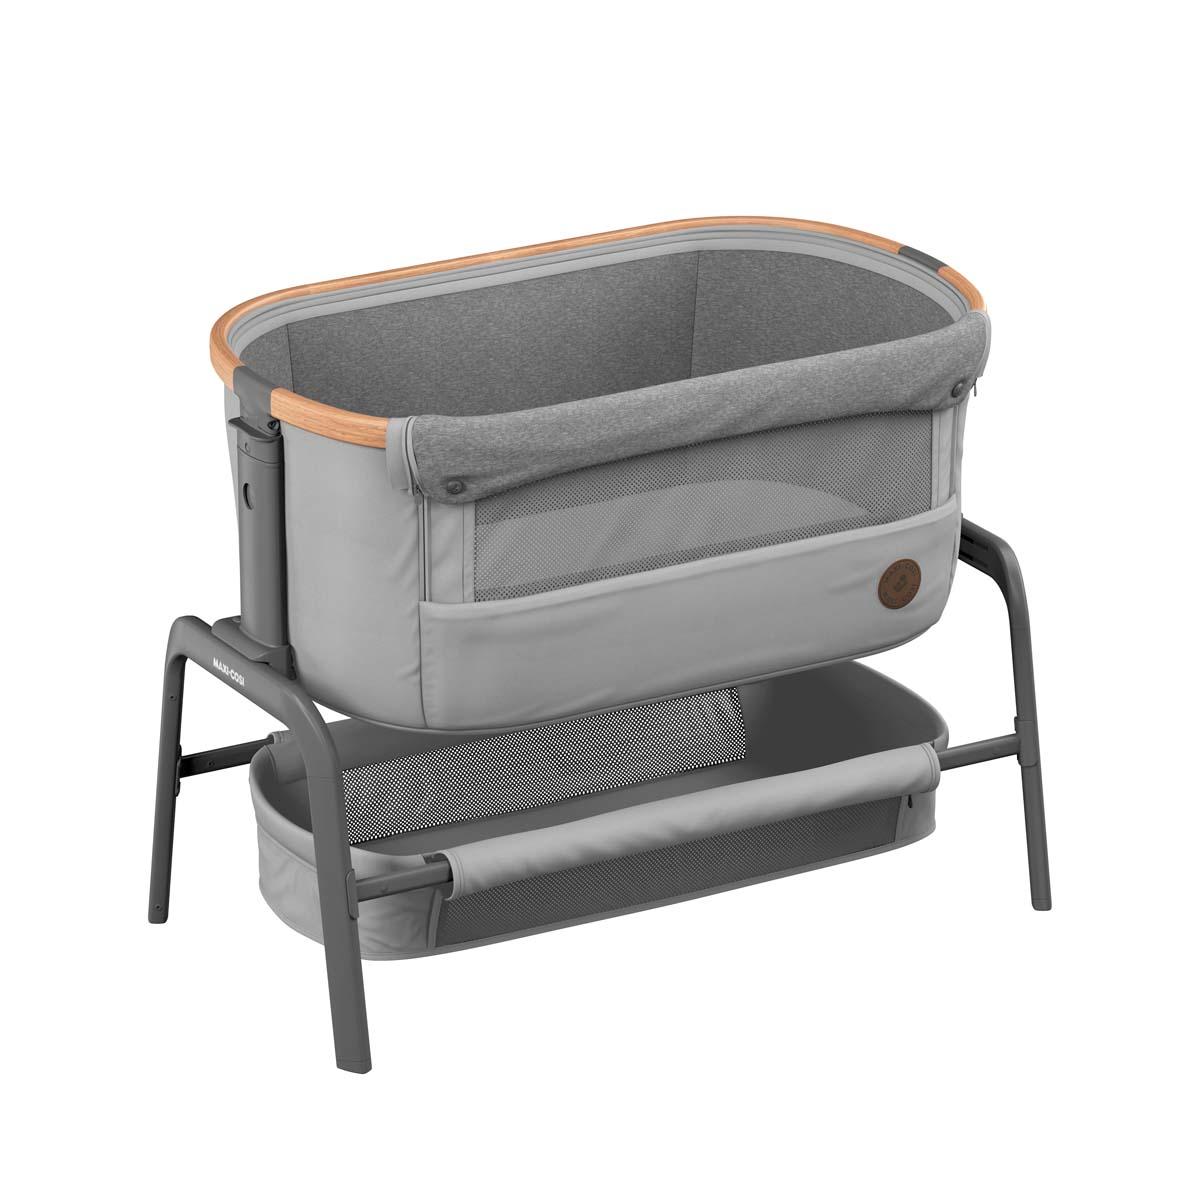 Full Size of Maxi Cosi Babybett Beistellbett Iora 2020 Essential Grey Online Schwarzes Bett 180x200 Schwarz Weiß Schwarze Küche Wohnzimmer Babybett Schwarz